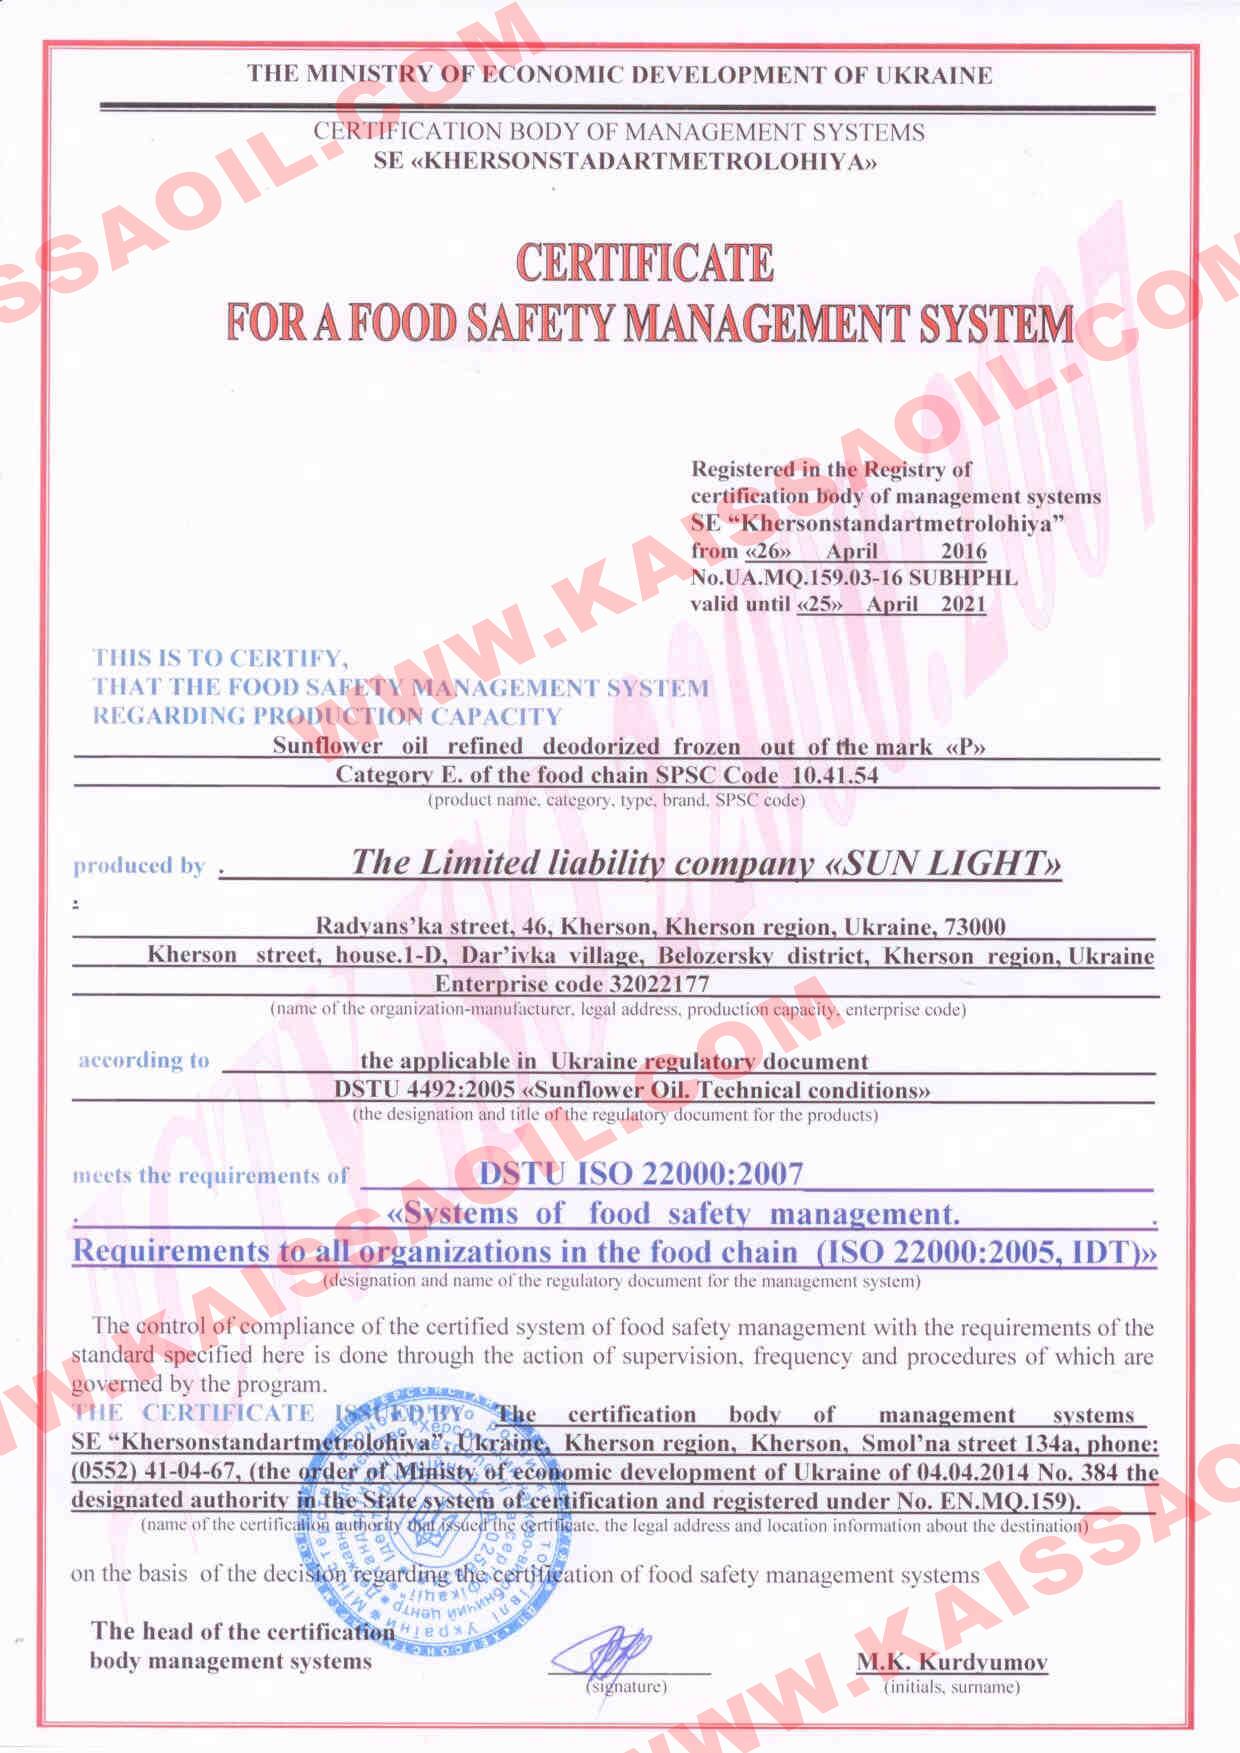 Сертификат ISO 22000:2007